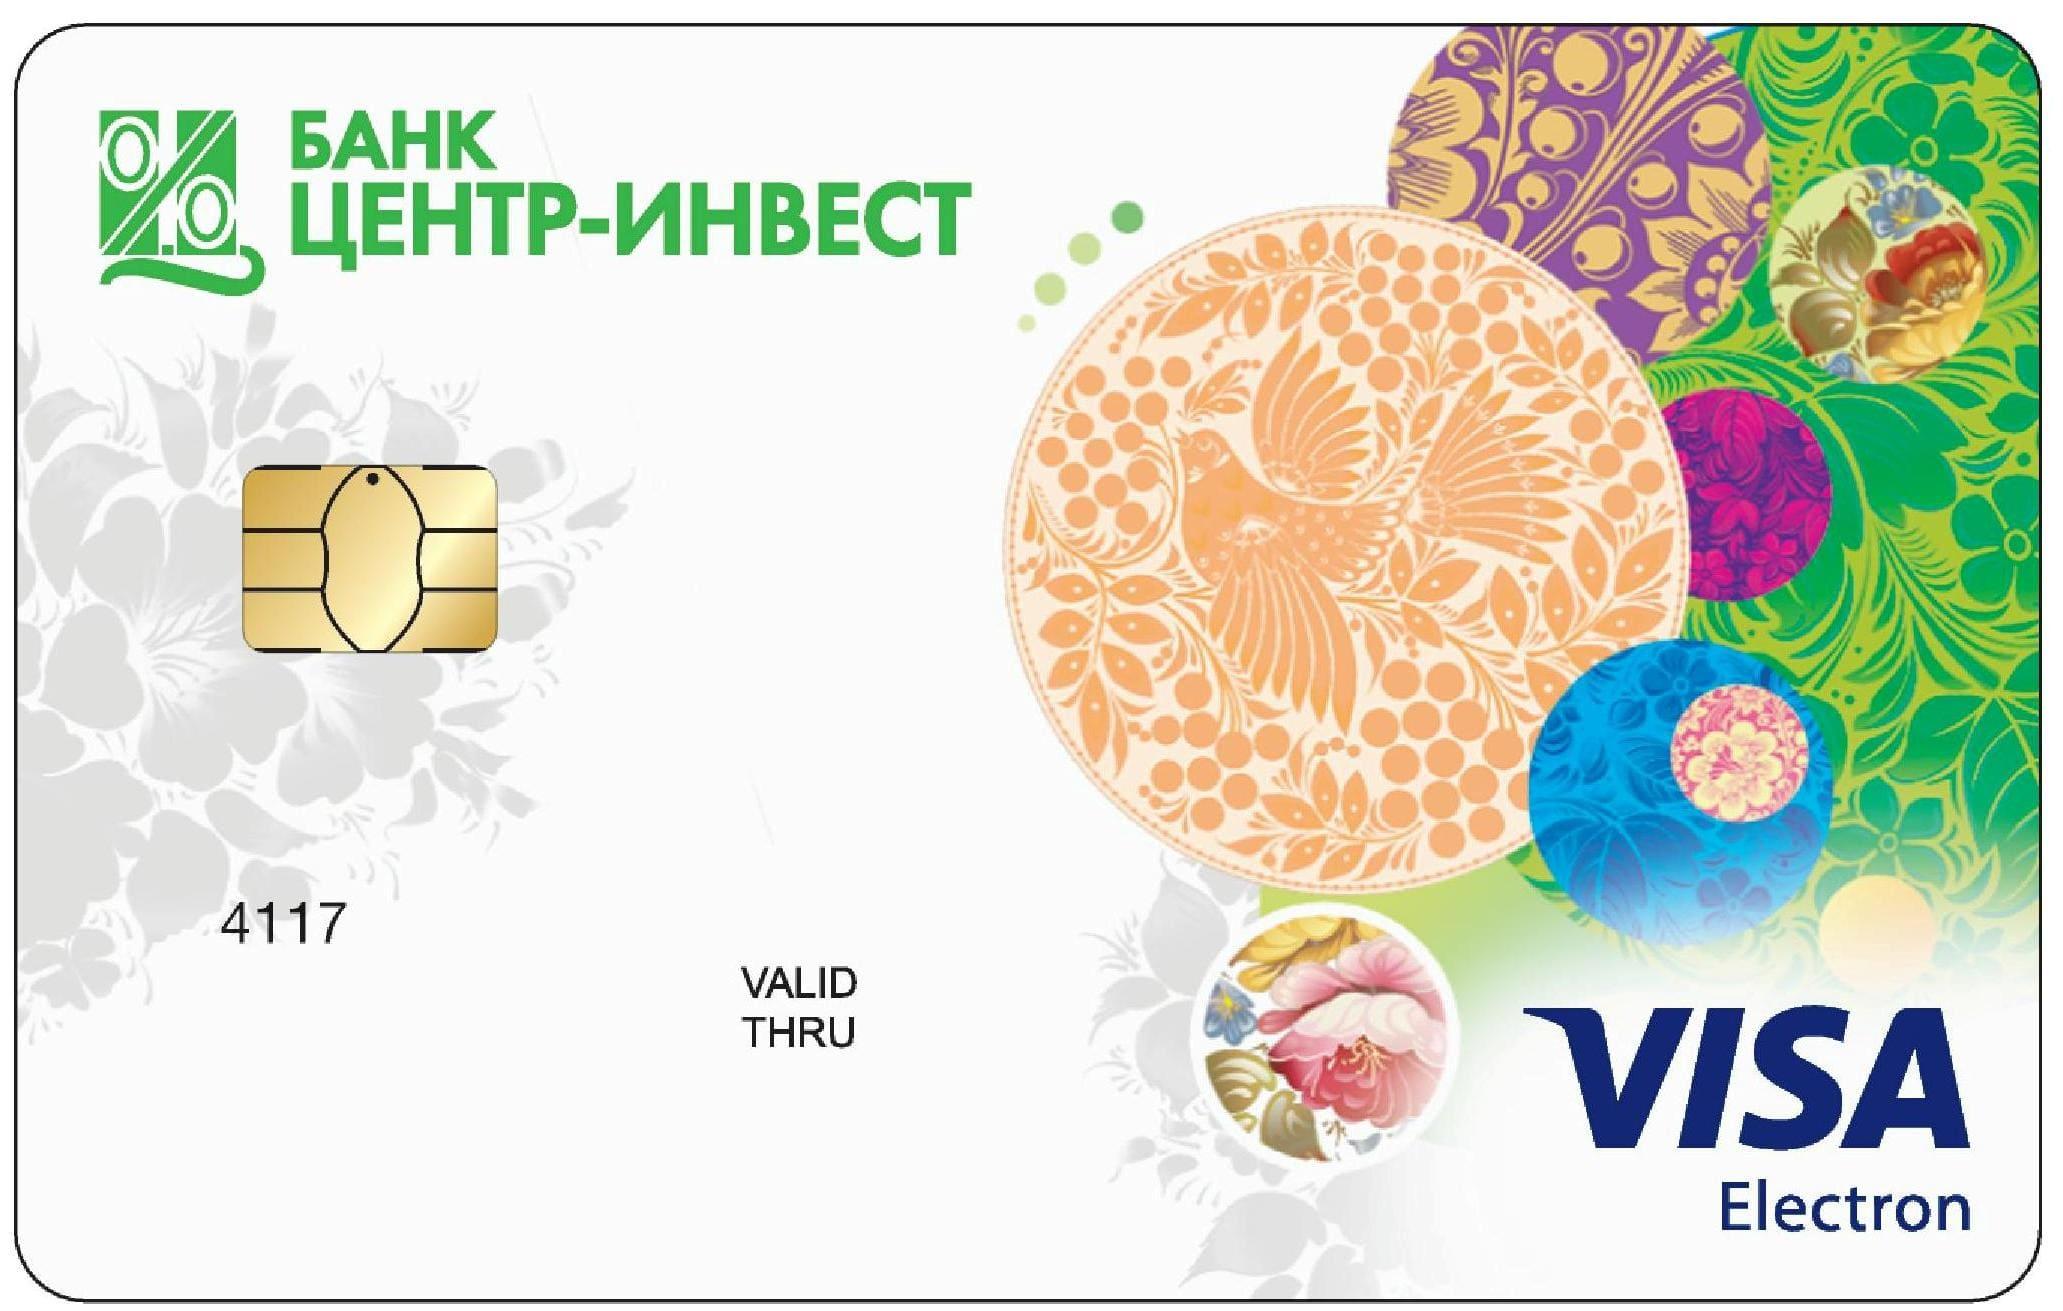 кредитная карта мир возможностей от банка россии отзывы бки телефон в москве